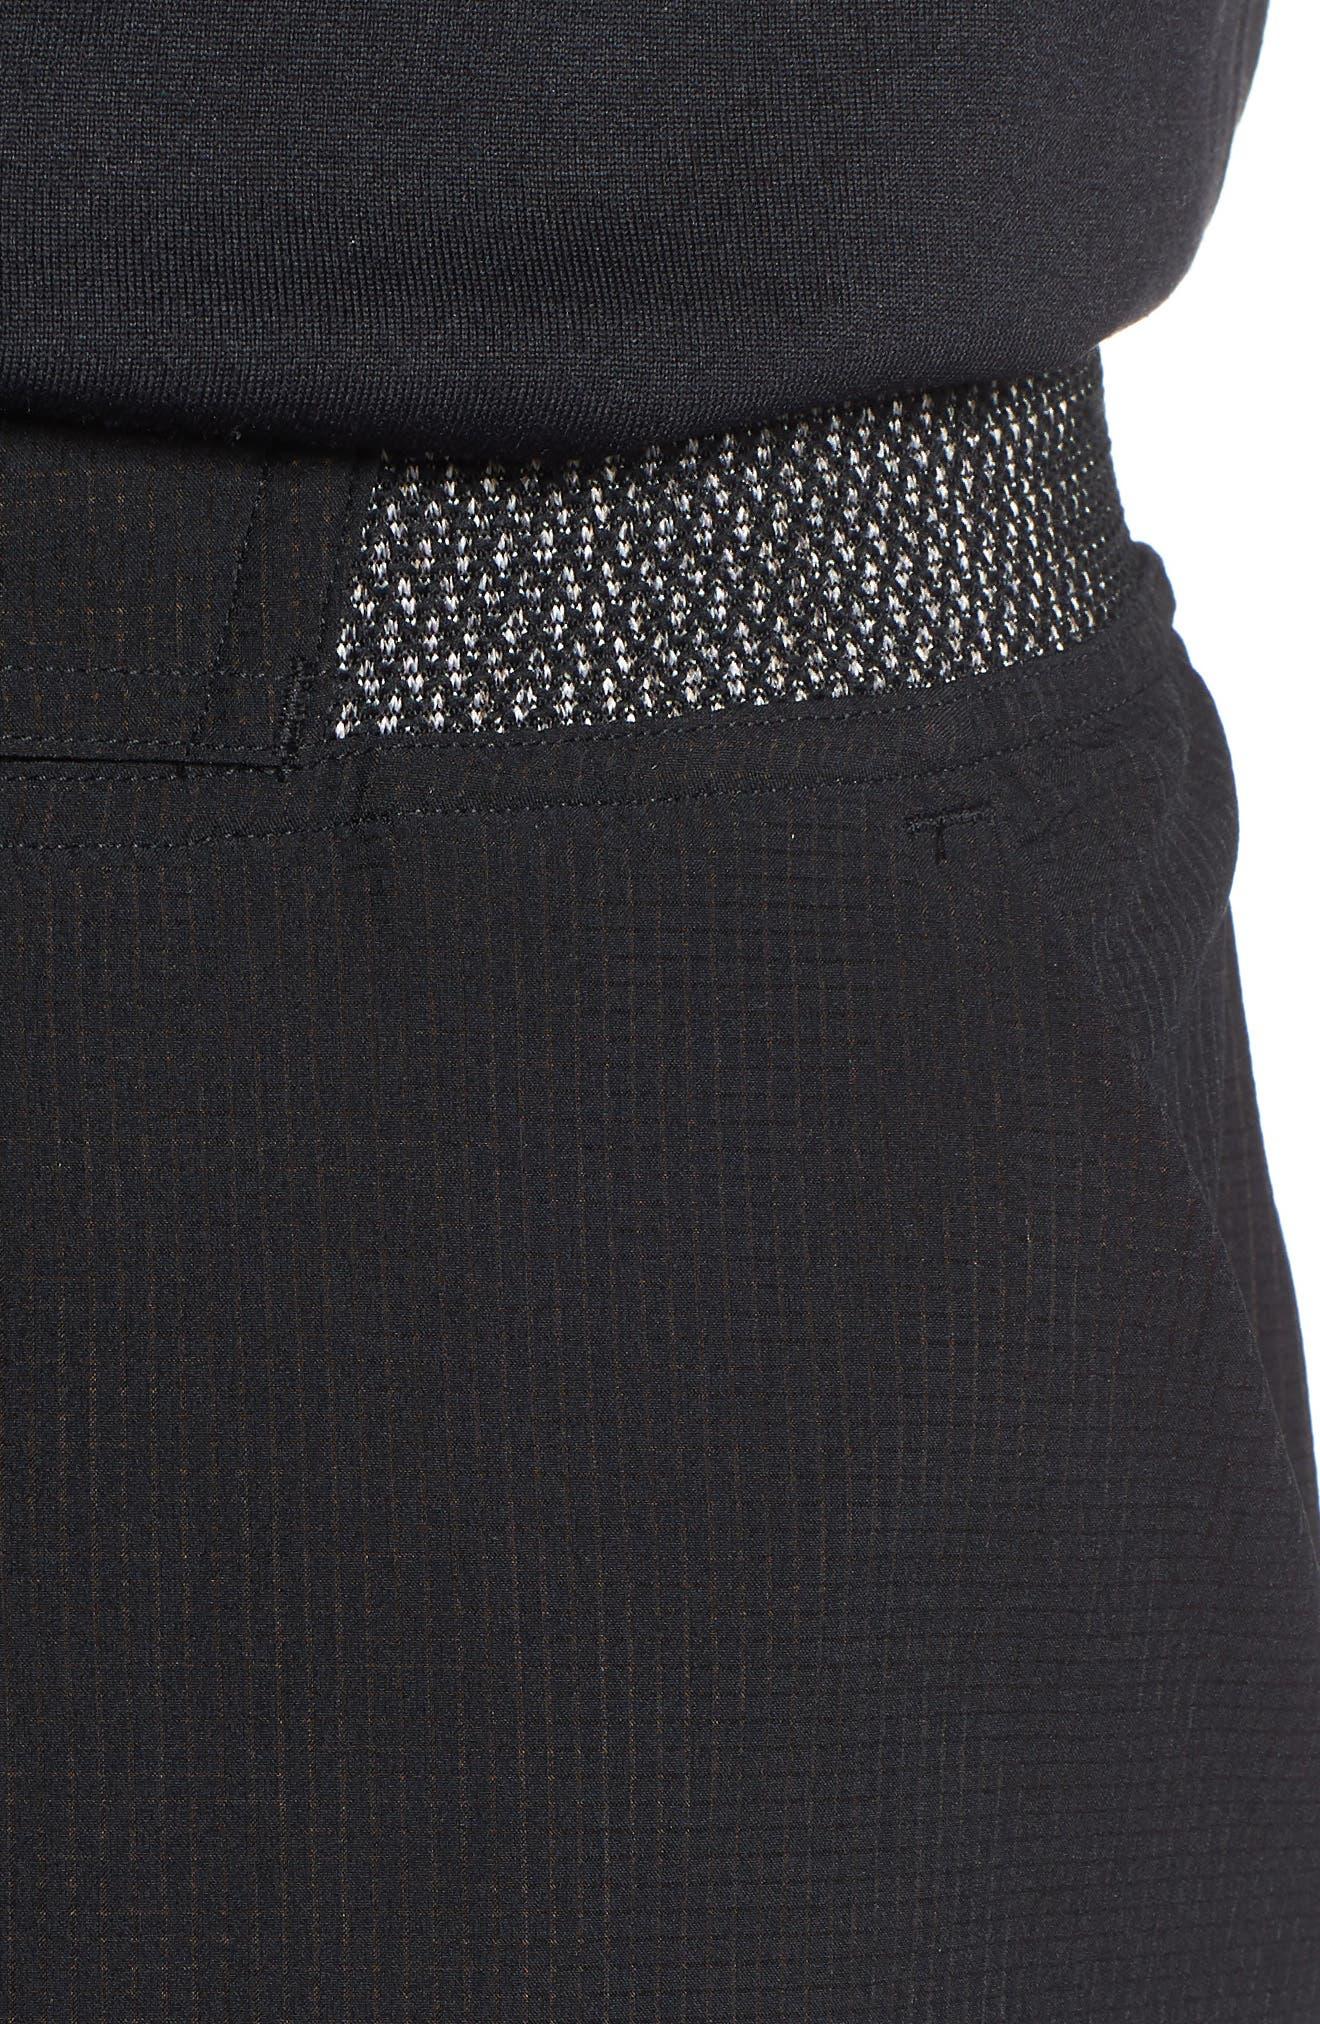 Epic Knit Shorts,                             Alternate thumbnail 4, color,                             BLACK